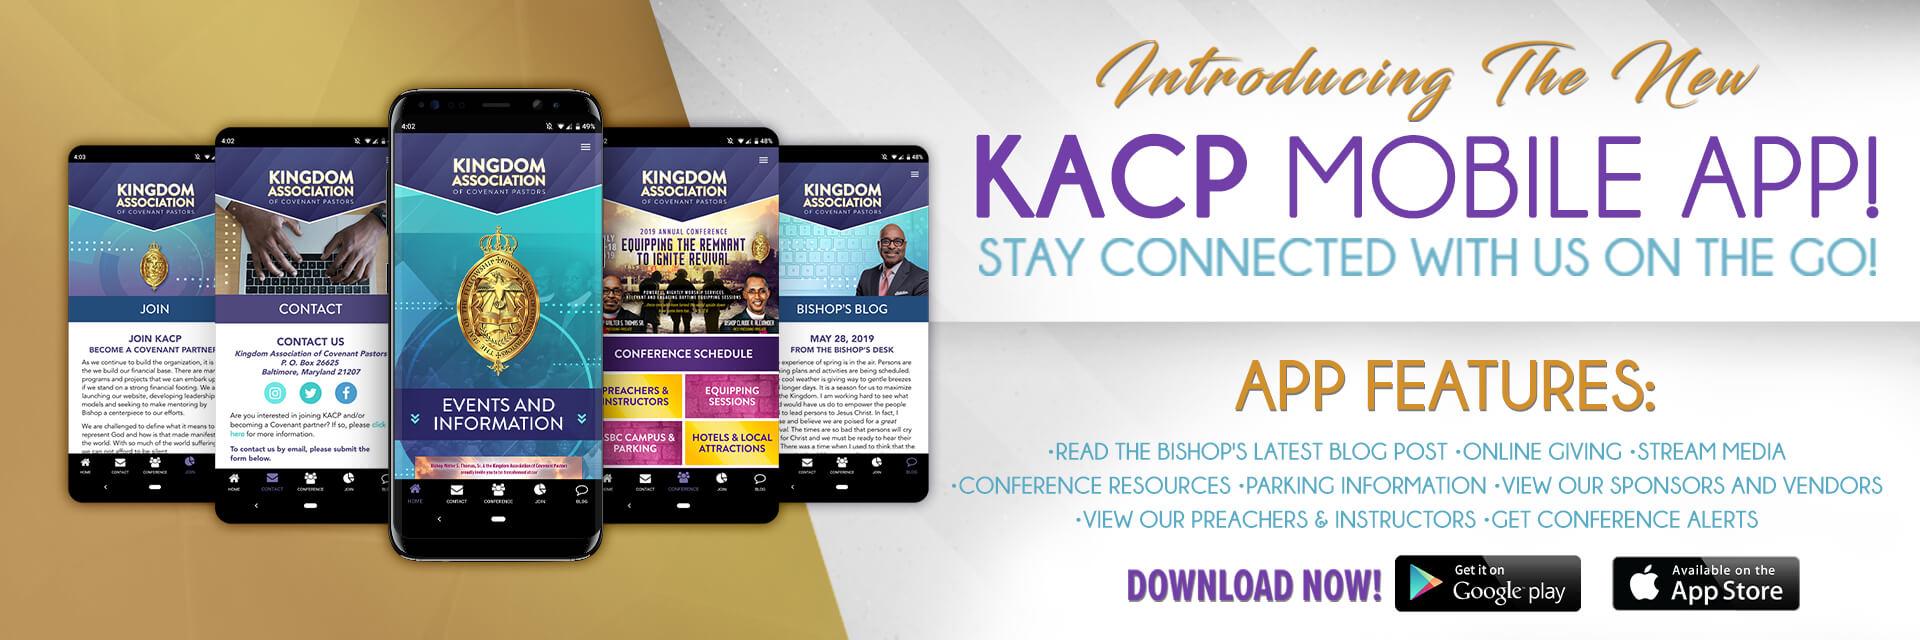 KACP - Home